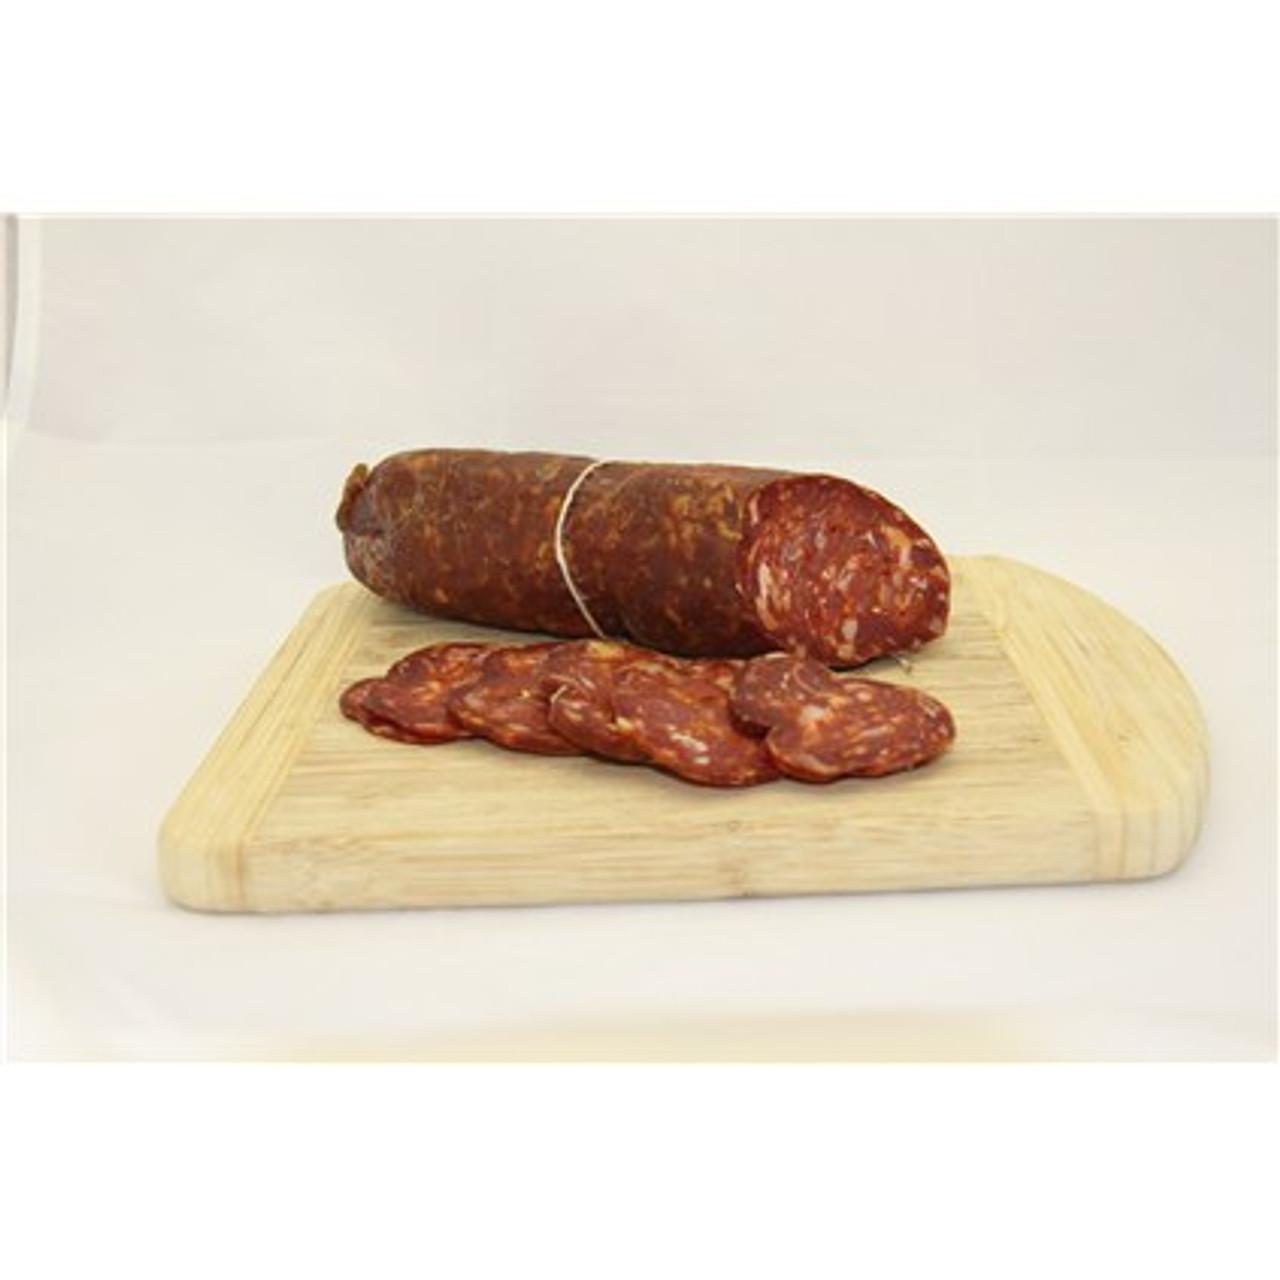 Iavarone Bros Dried Sausage